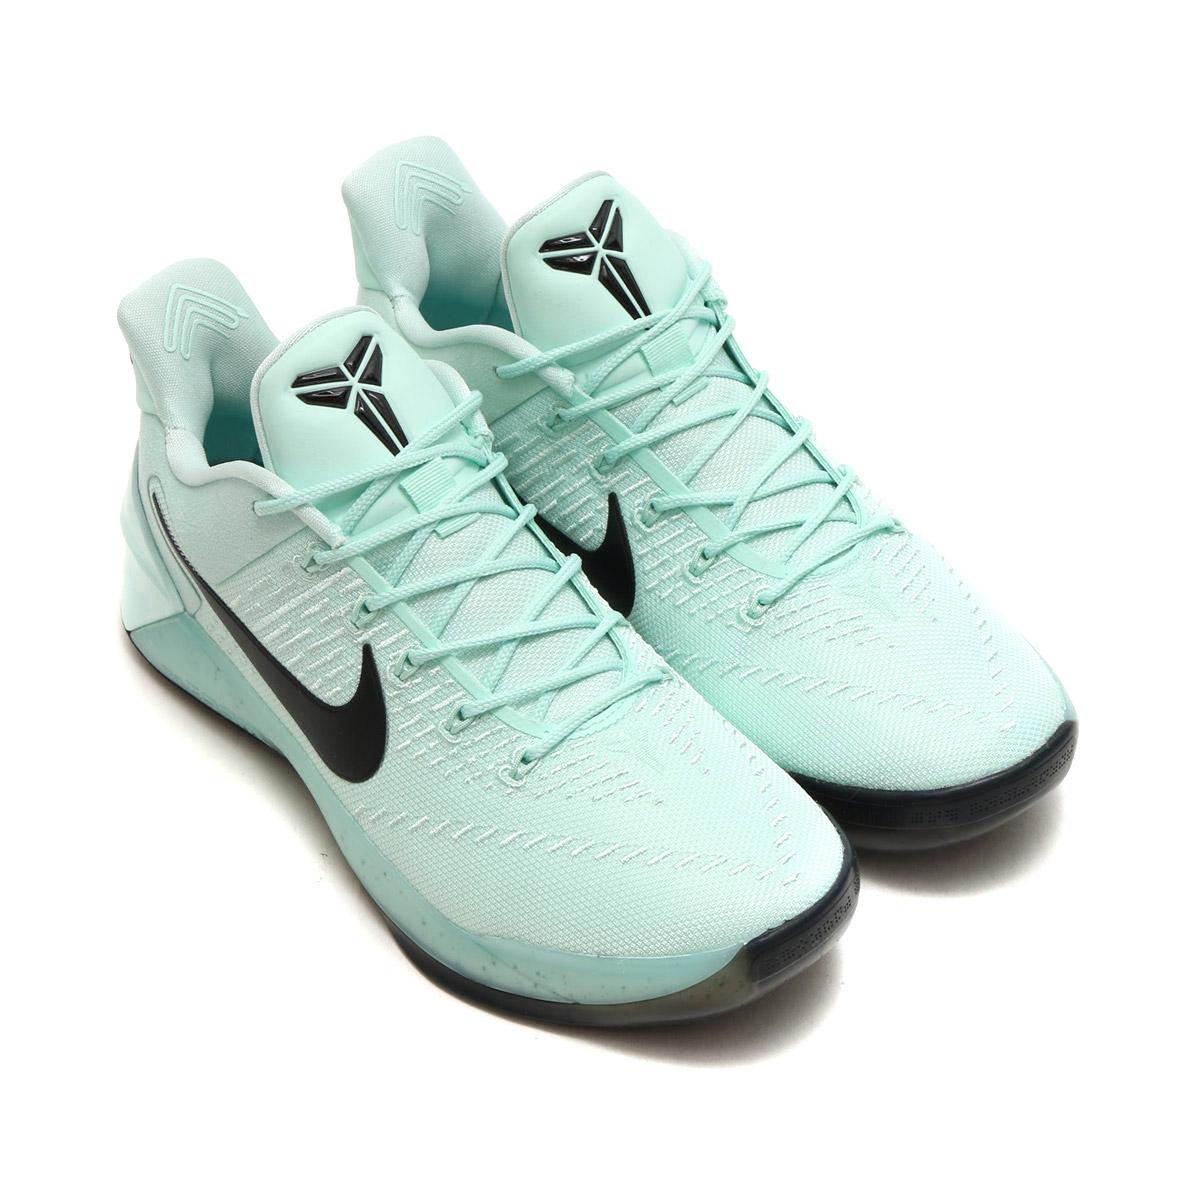 size 40 1a63b 970cf NIKE KOBE A.D. EP (Nike Corby A.D. EP) (IGLOO BLACK) 17FA ...